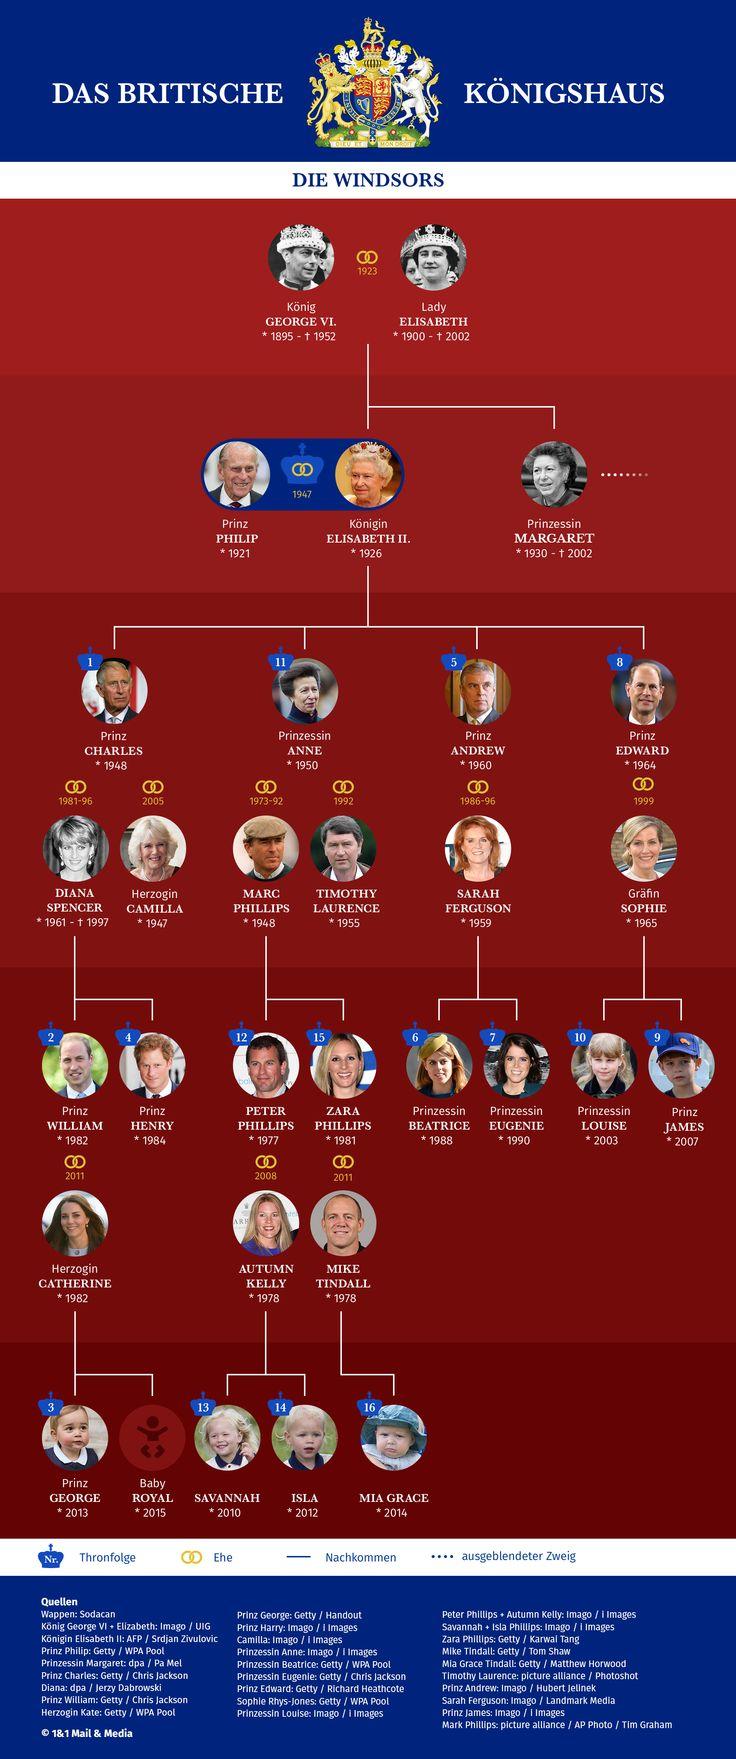 Stammbaum britische Königsfamilie Windsors